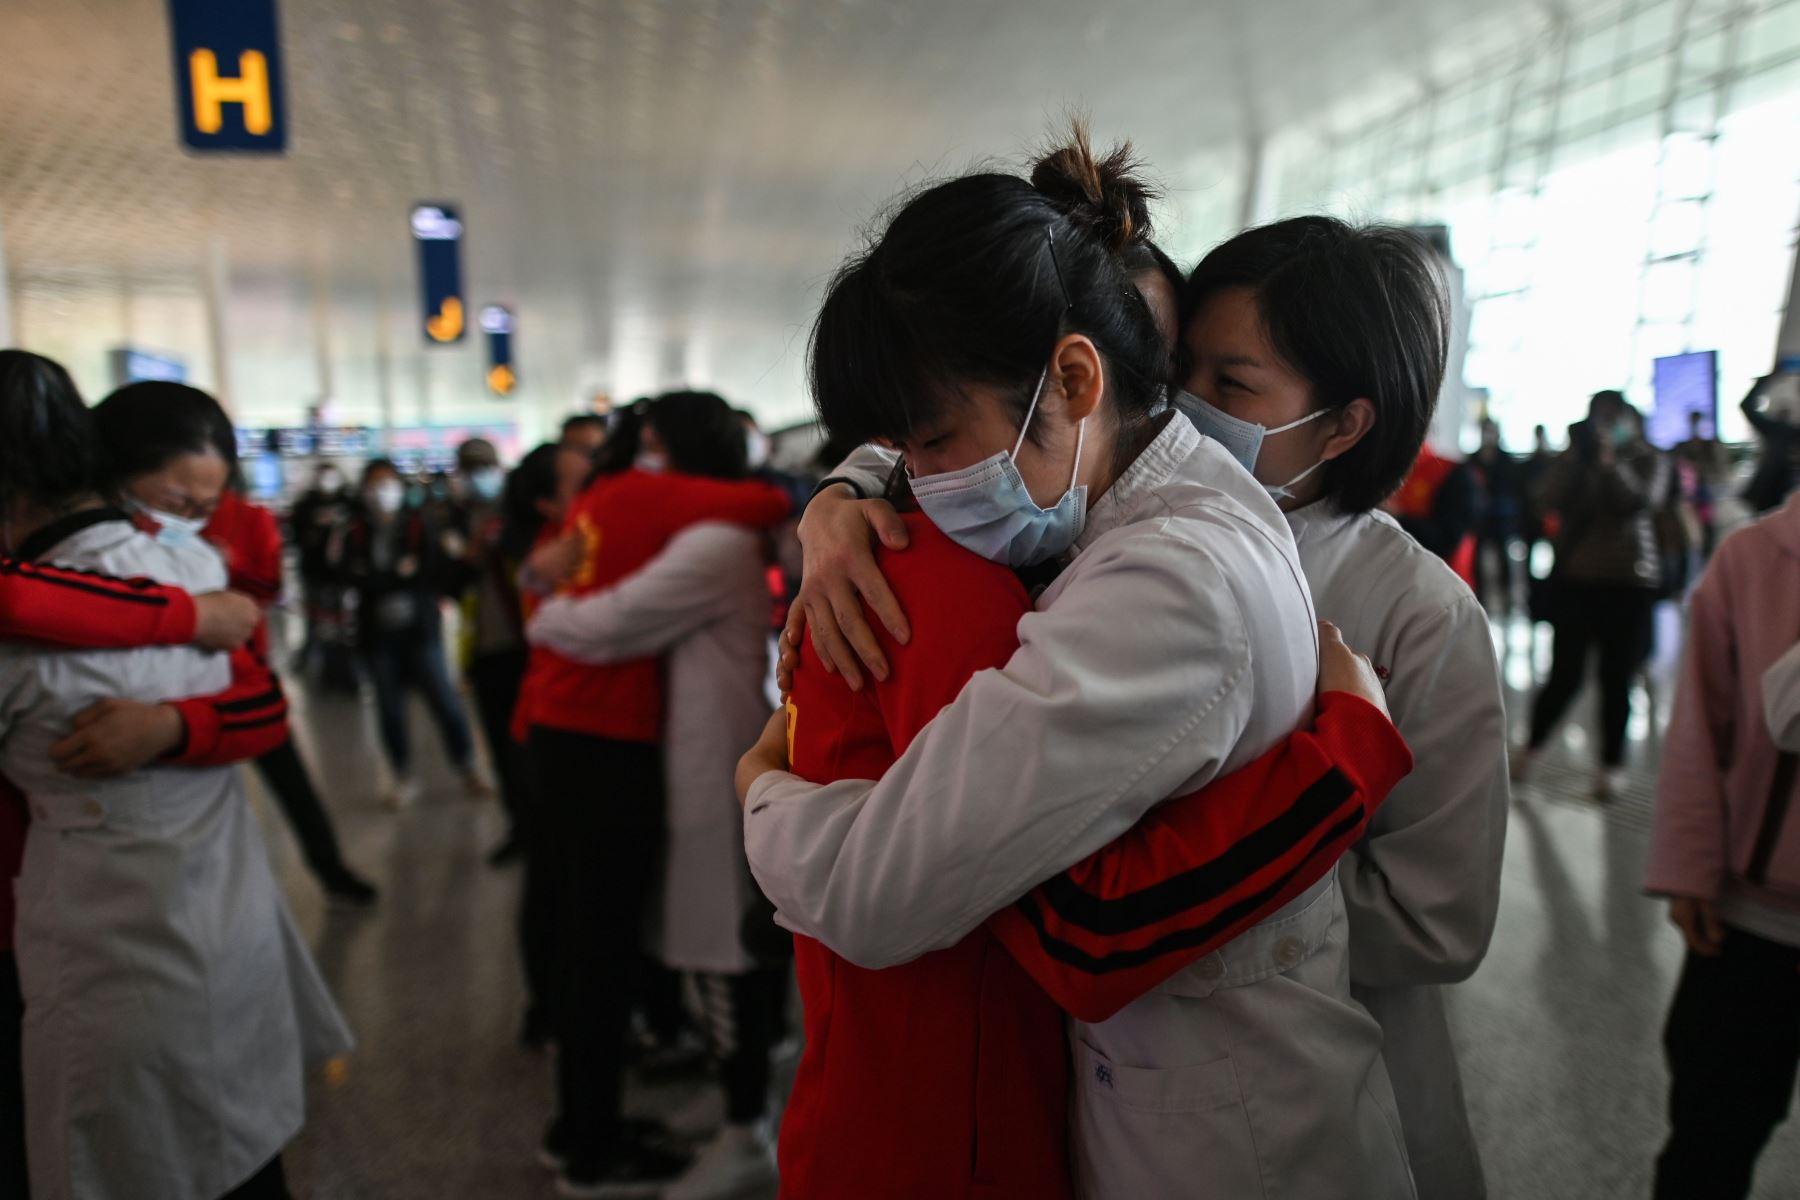 El personal médico de la provincia de Jilin abraza a las enfermeras de Wuhan después de trabajar juntas durante el brote de coronavirus, aquí durante una ceremonia antes de partir cuando el aeropuerto de Tianhe se reabrió en Wuhan. Foto: AFP